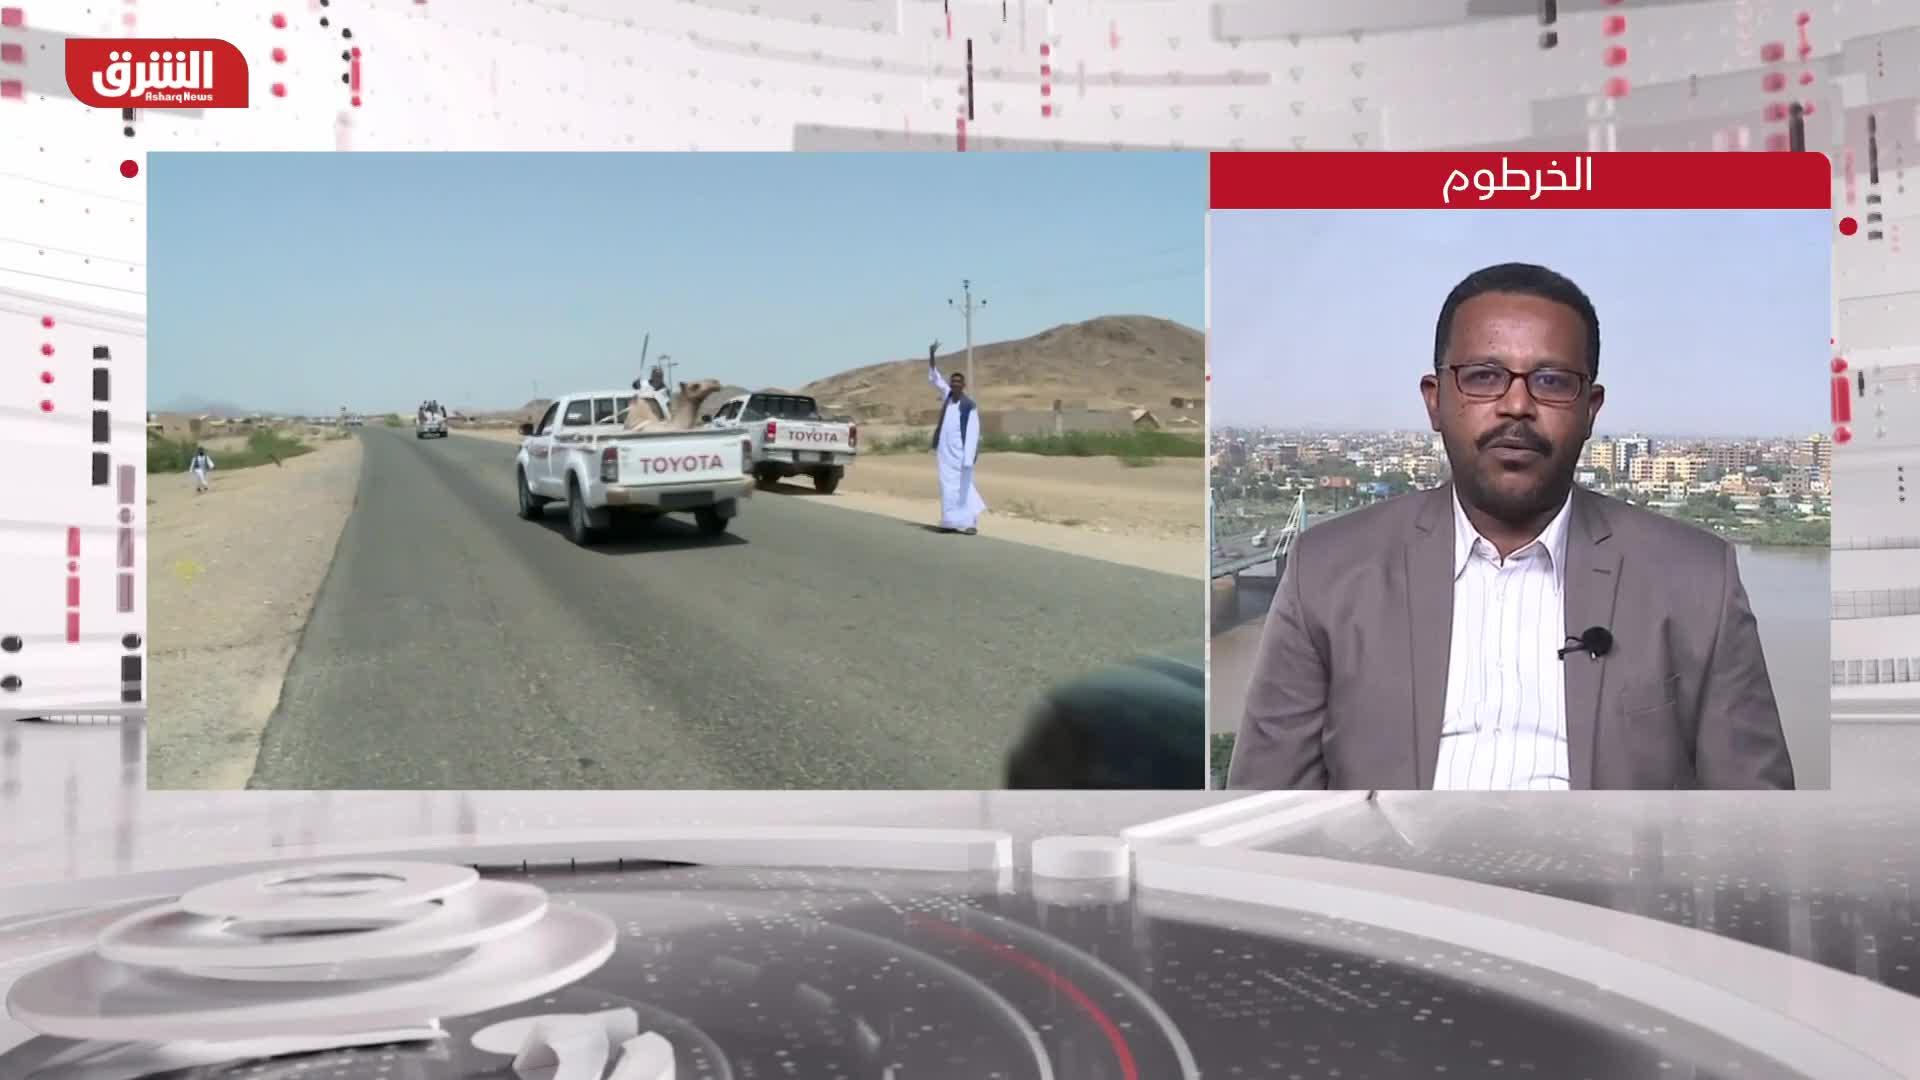 """السودان.. المجلس الأعلى لنظارات البجا يصعد ويلوح بـ """"الانفصال"""""""